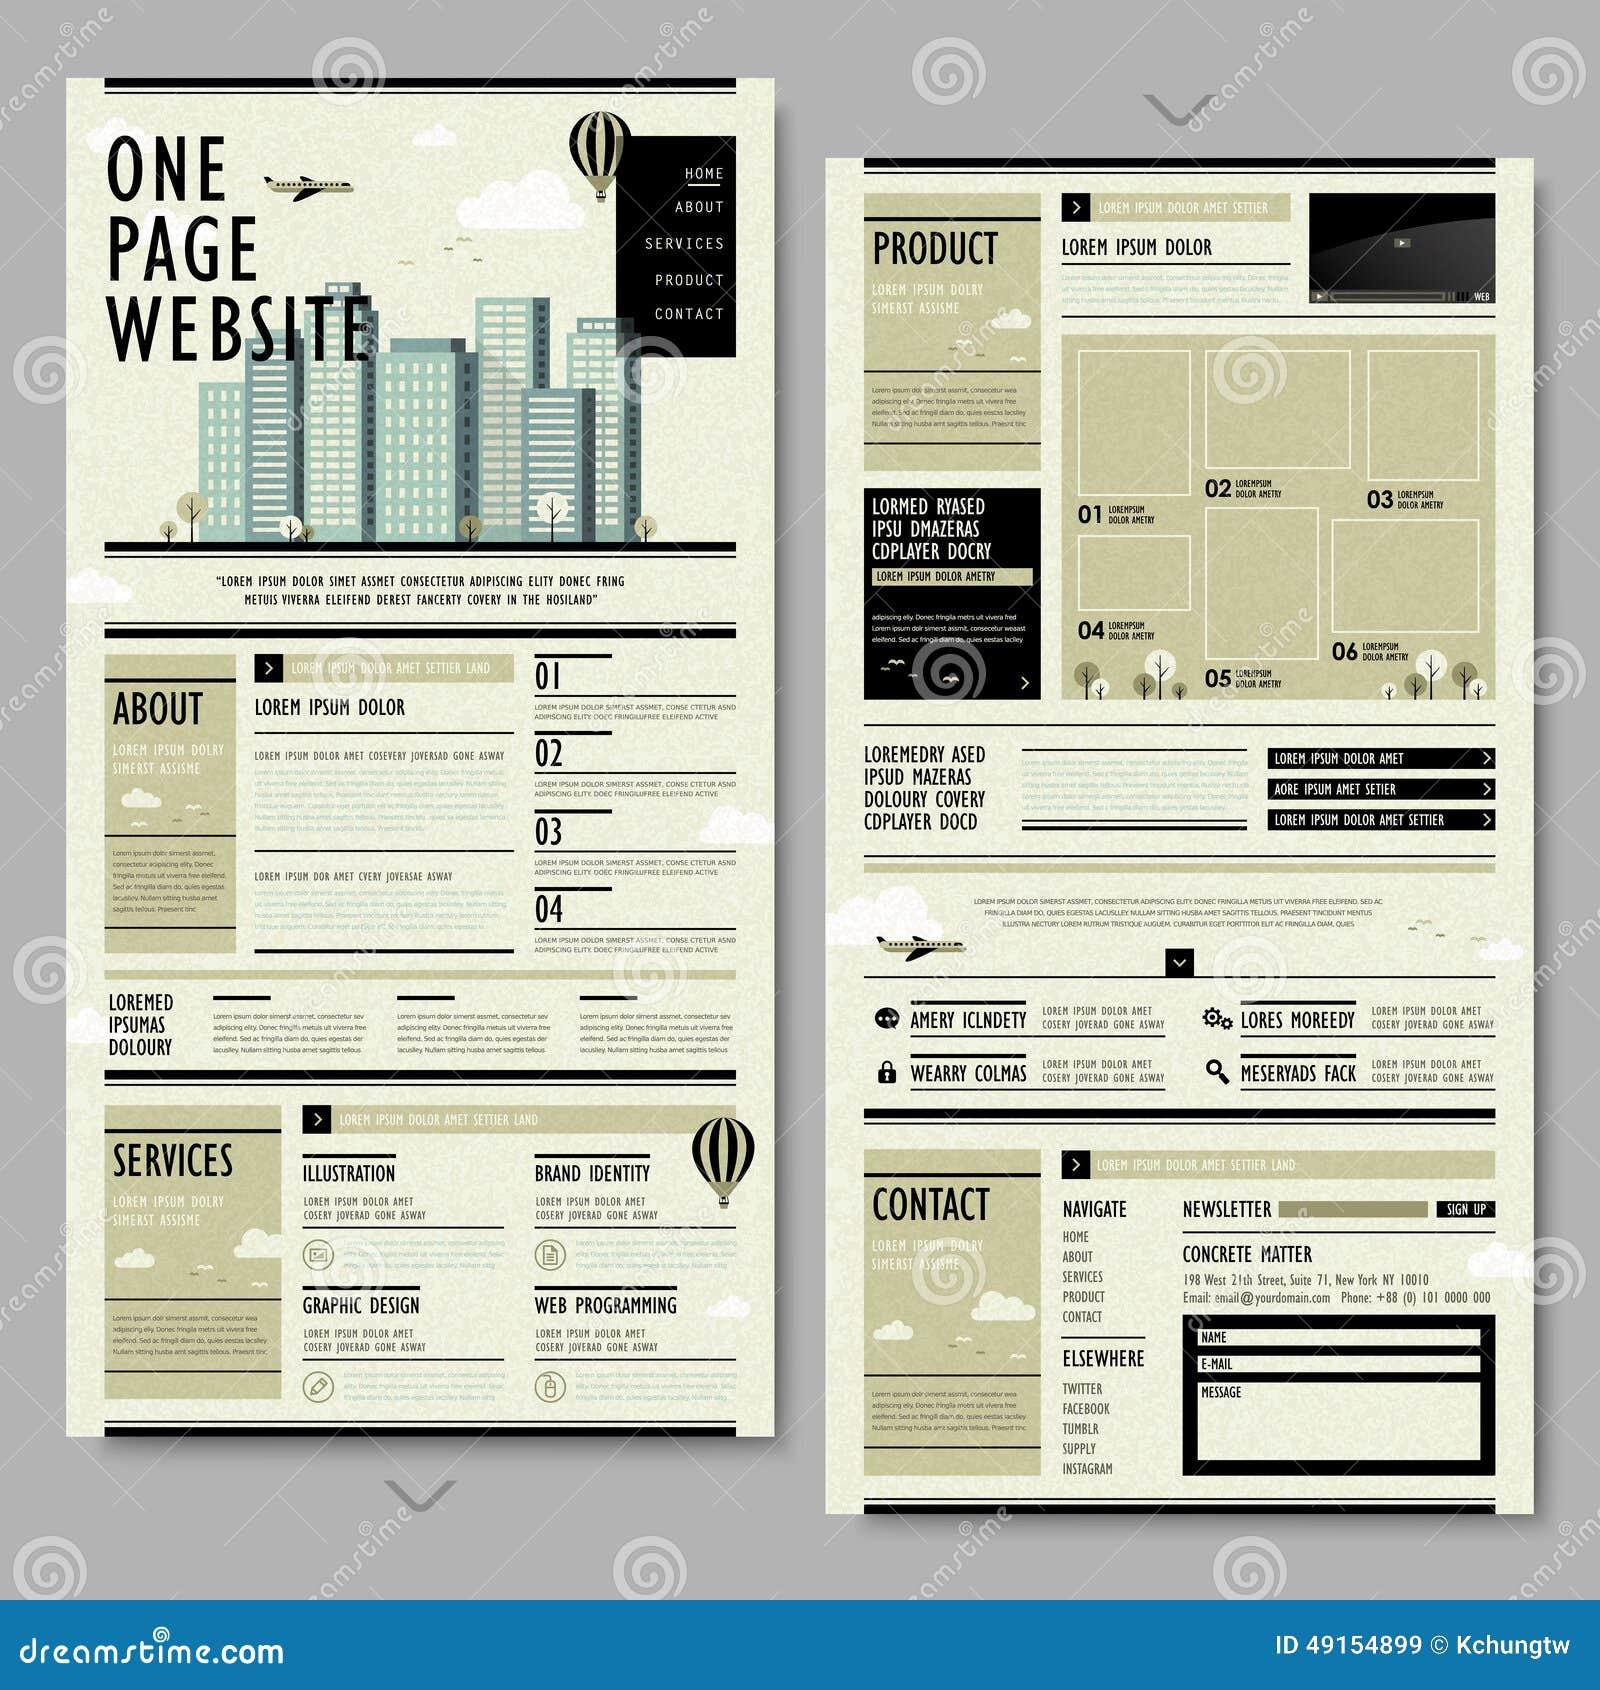 Retro progettazione del sito Web della pagina di stile uno